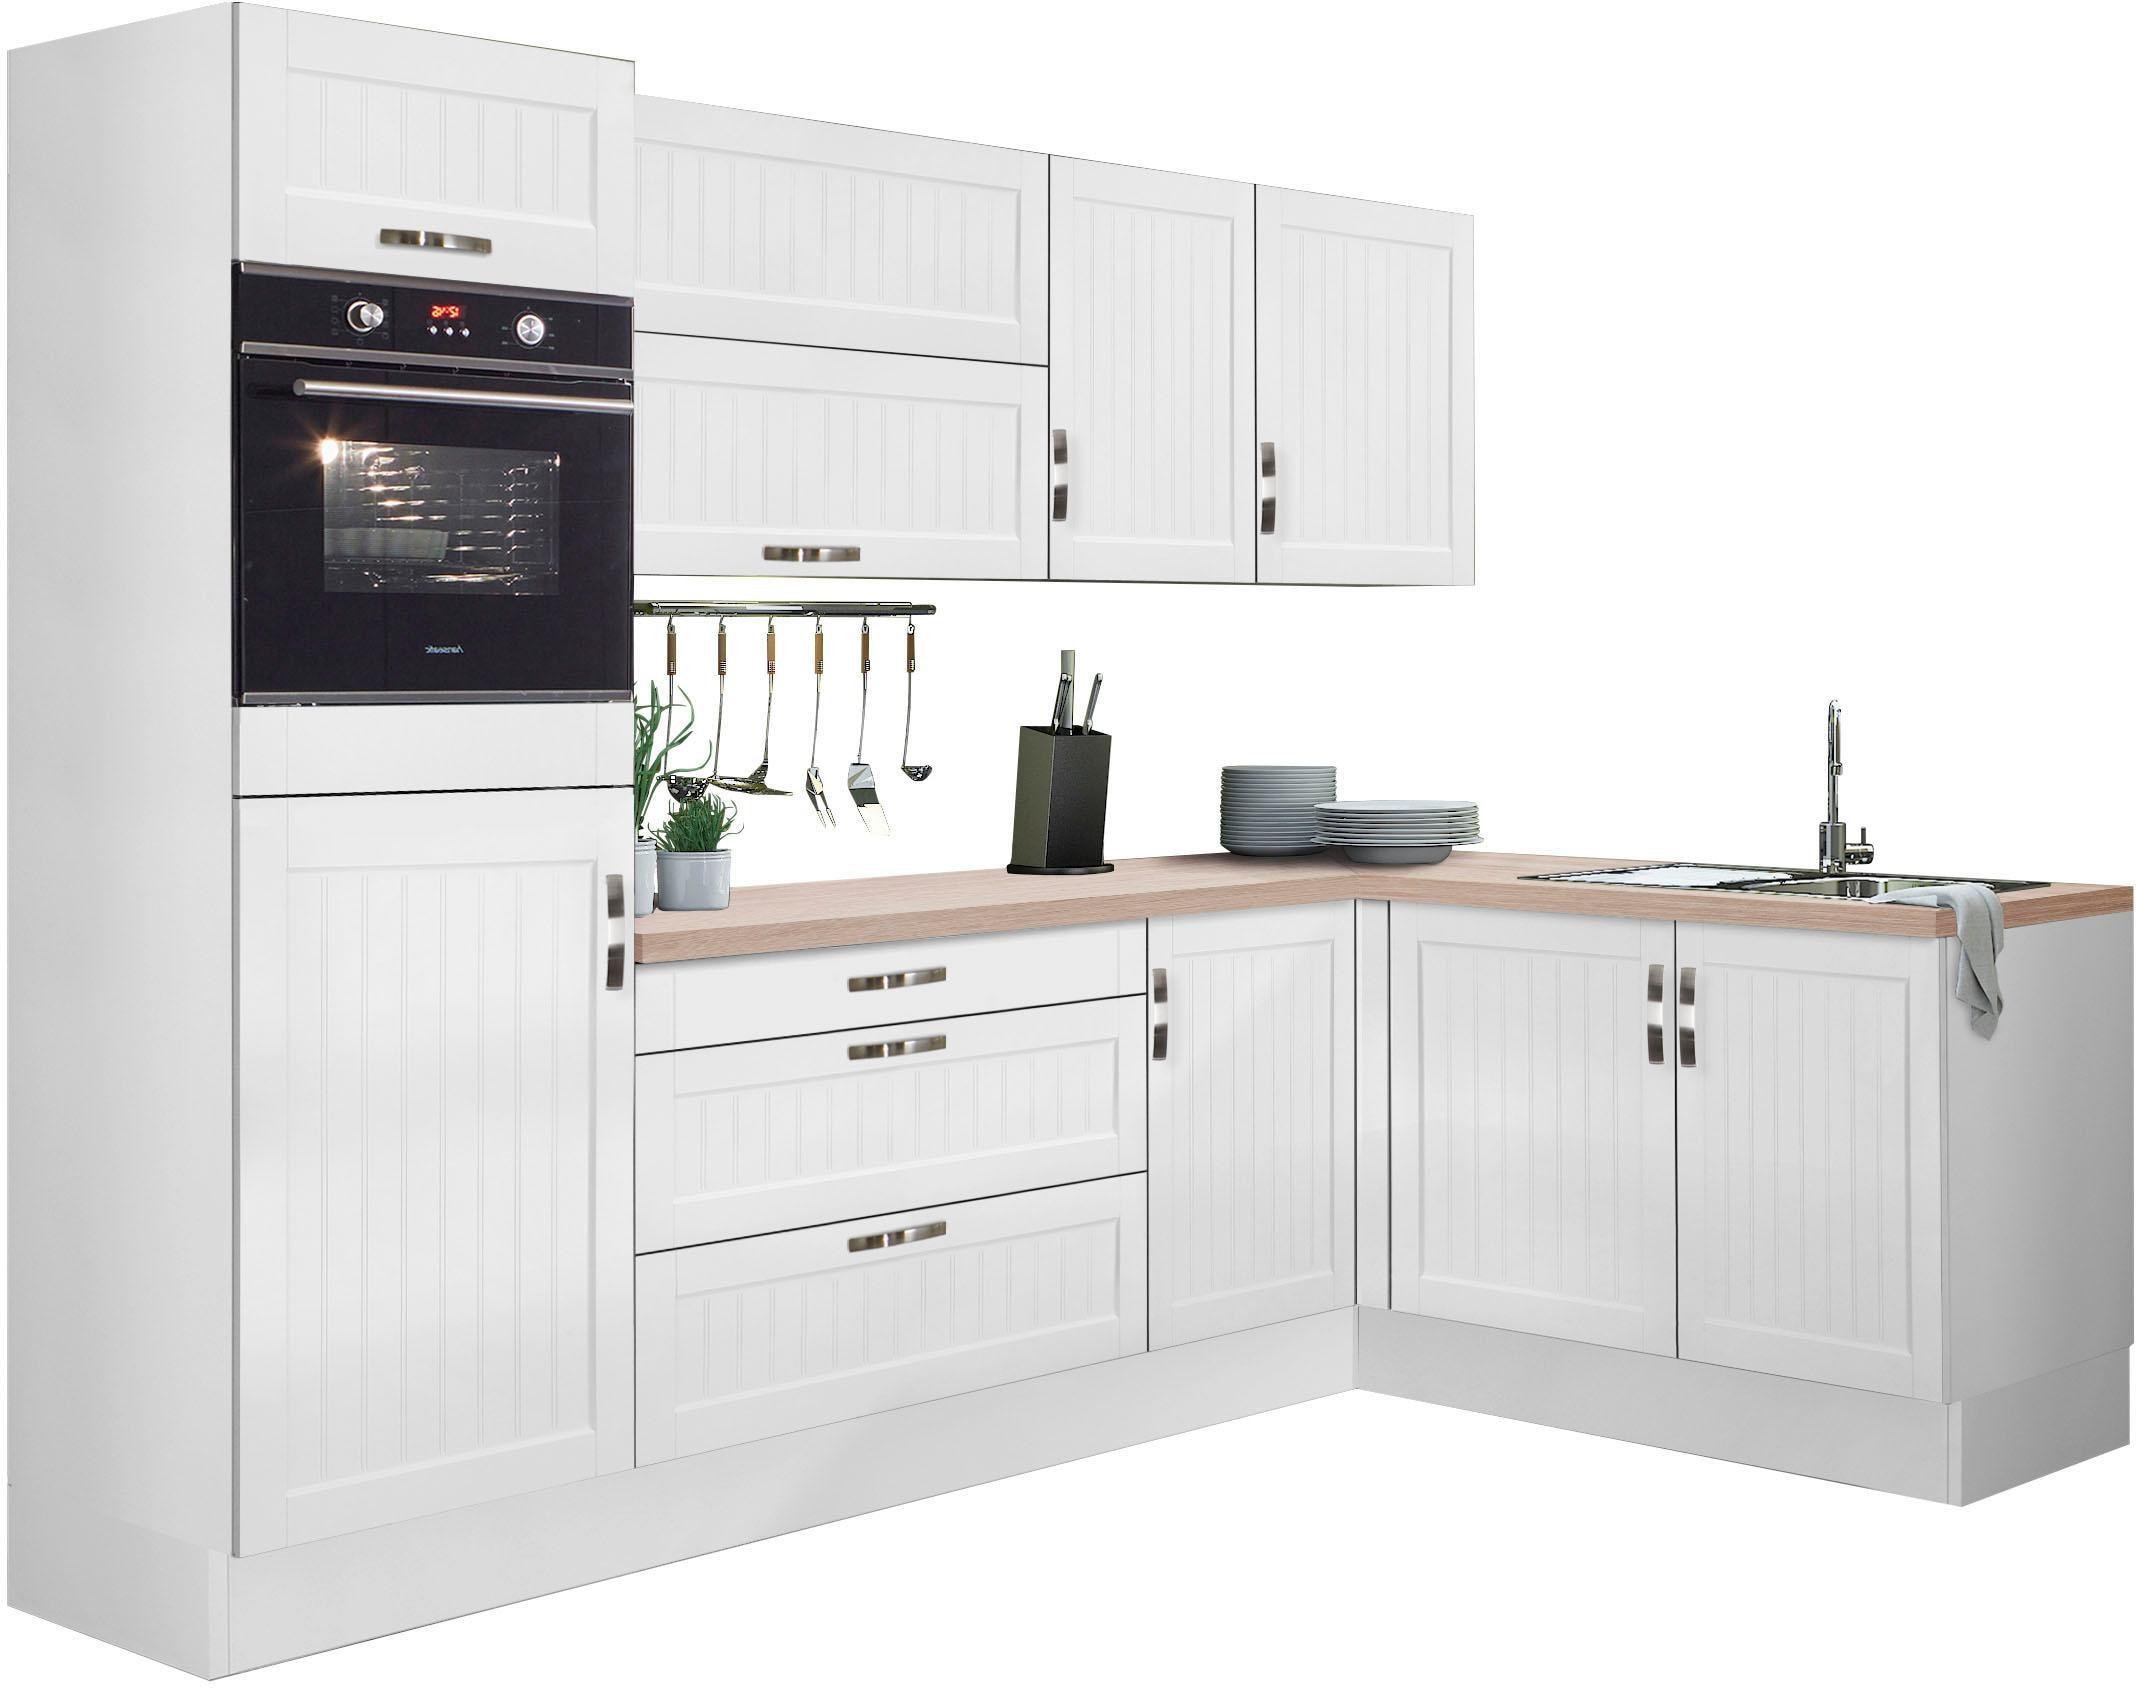 OPTIFIT Winkelküche Cara ohne E-Geräte Stellbreite 265 x 175 cm